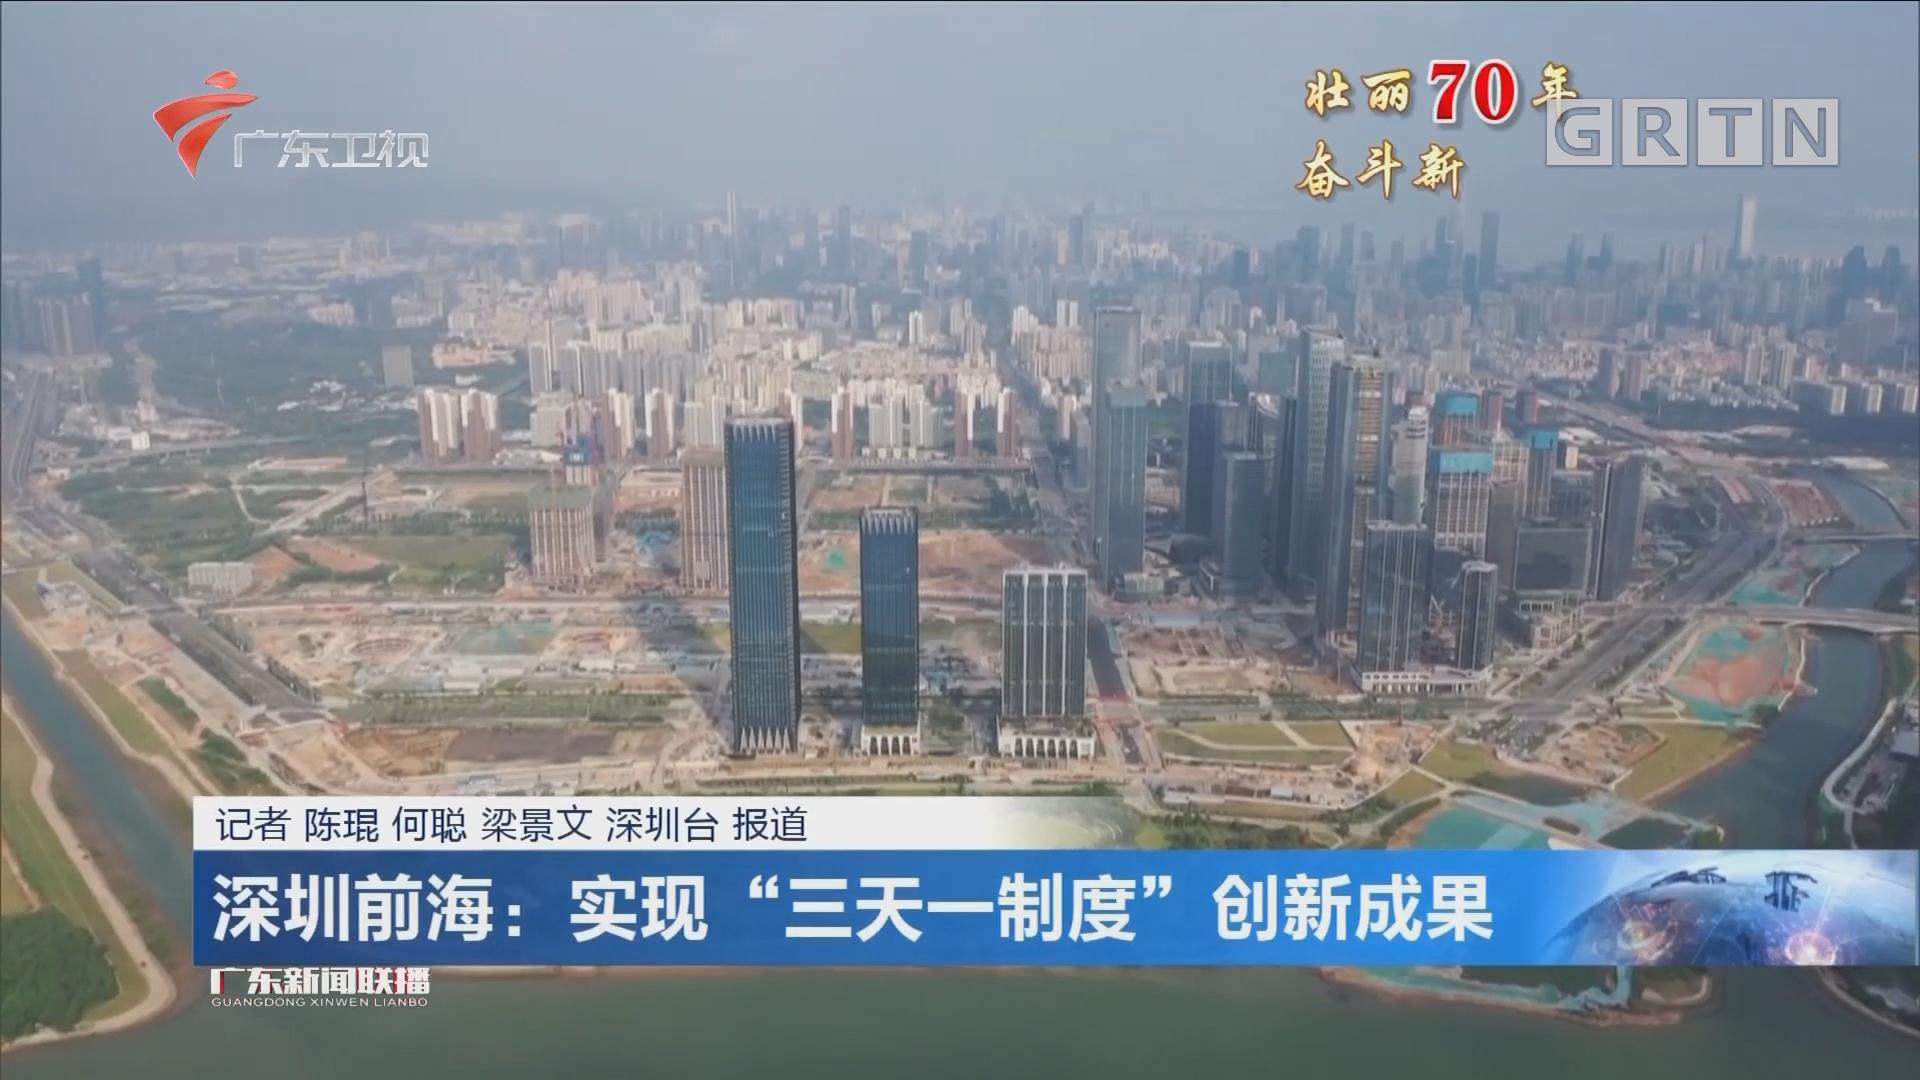 """深圳前海:实现""""三天一制度""""创新成果"""